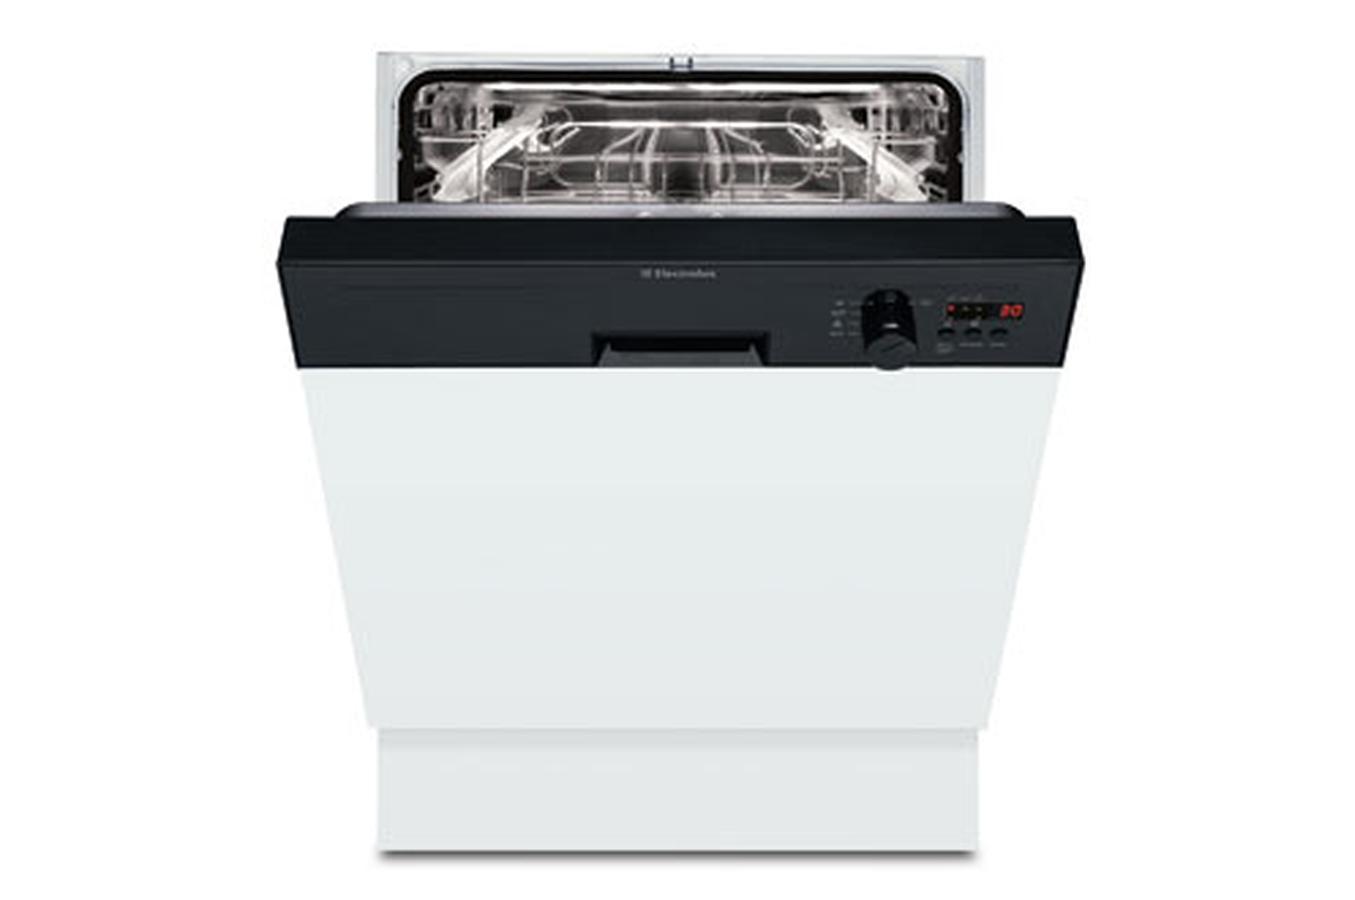 Lave vaisselle encastrable electrolux esi64041k noir - Lave vaisselle electrolux encastrable ...